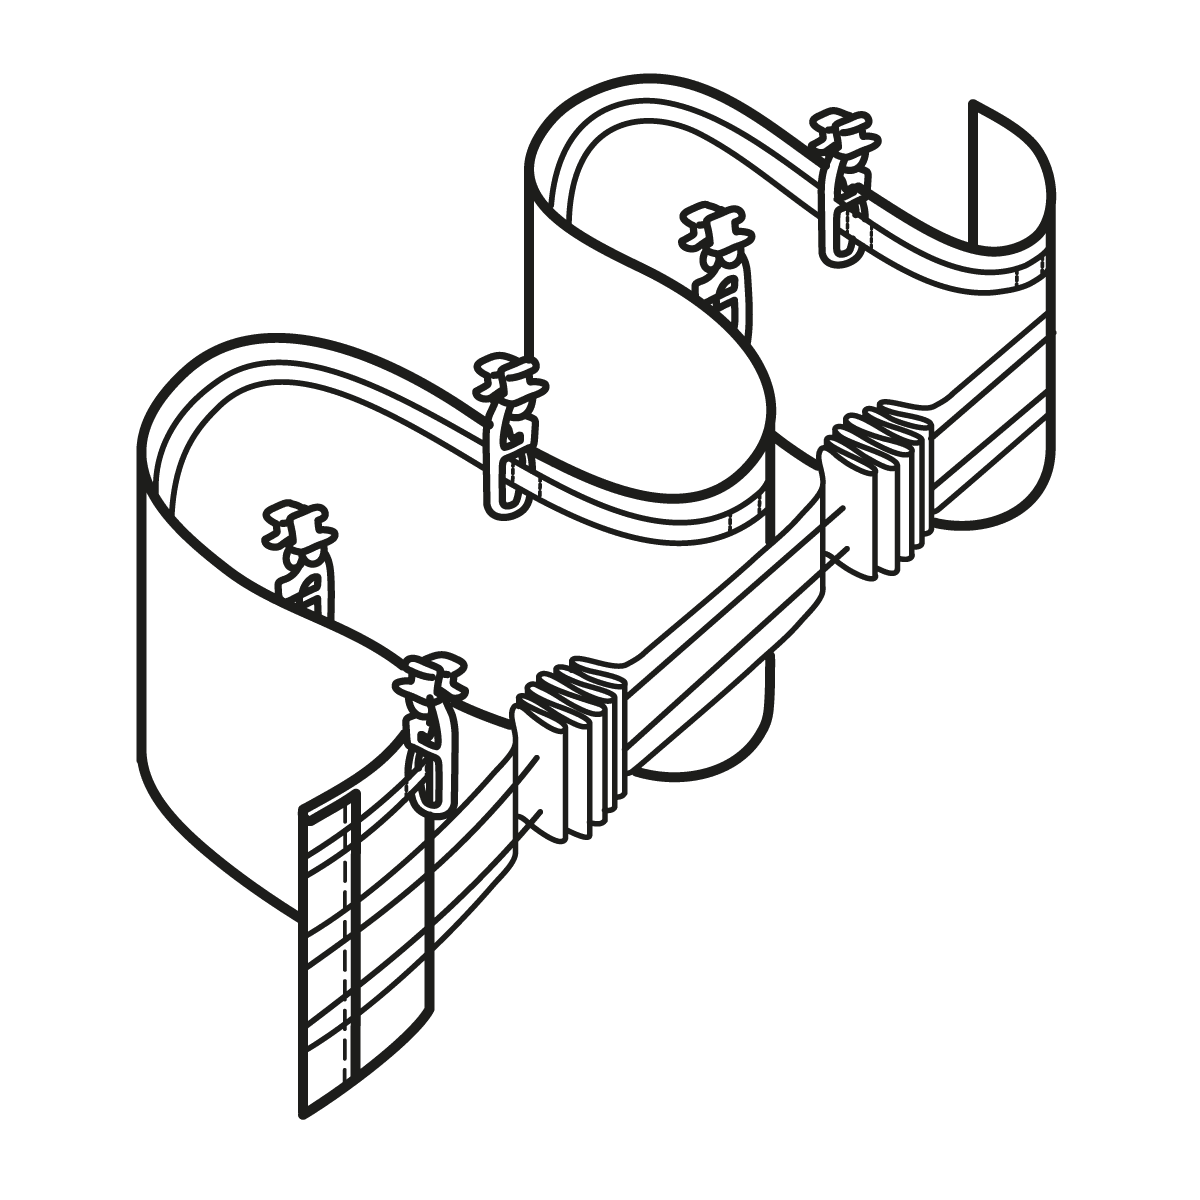 anleitung vorhang mit wellenband. Black Bedroom Furniture Sets. Home Design Ideas